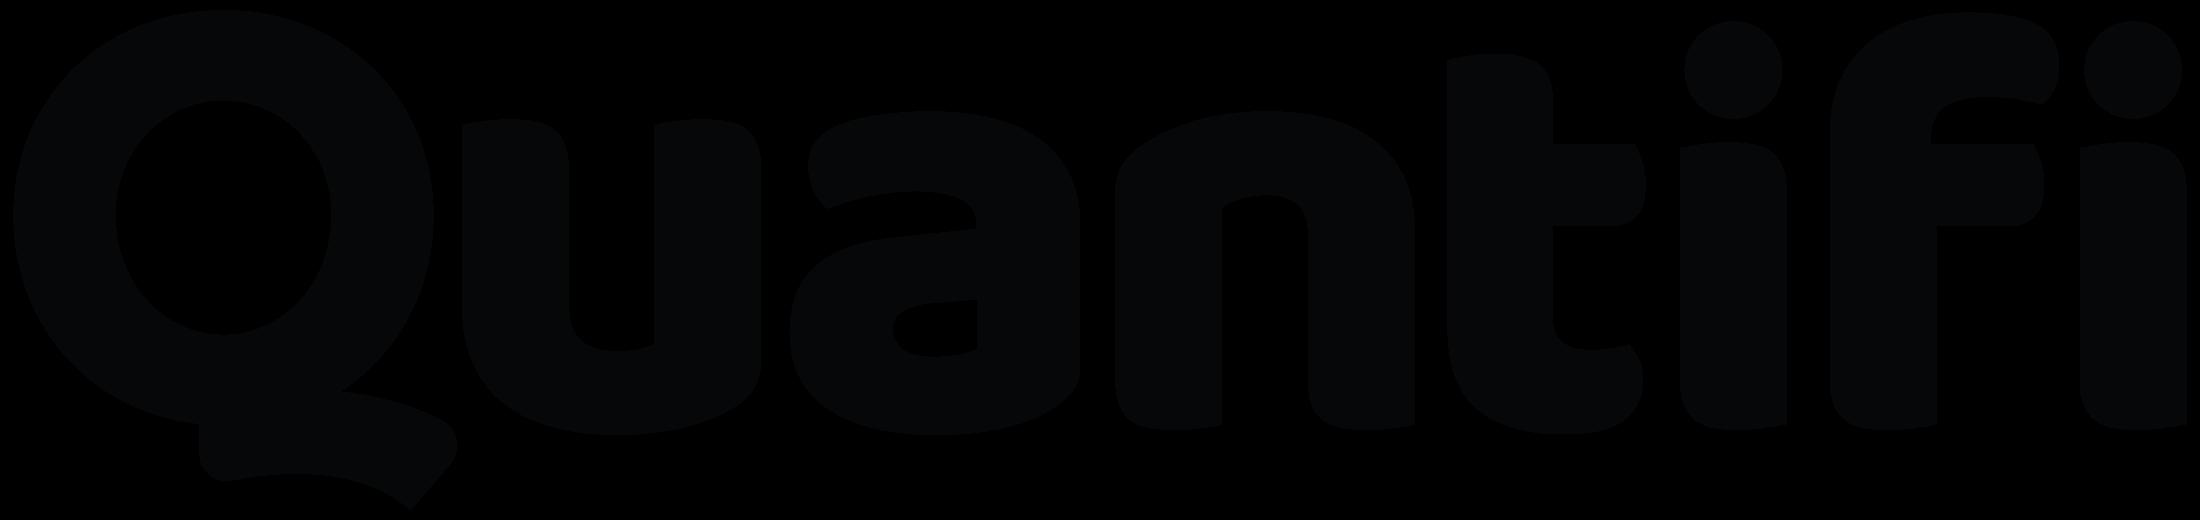 quantifi-logo_master.png